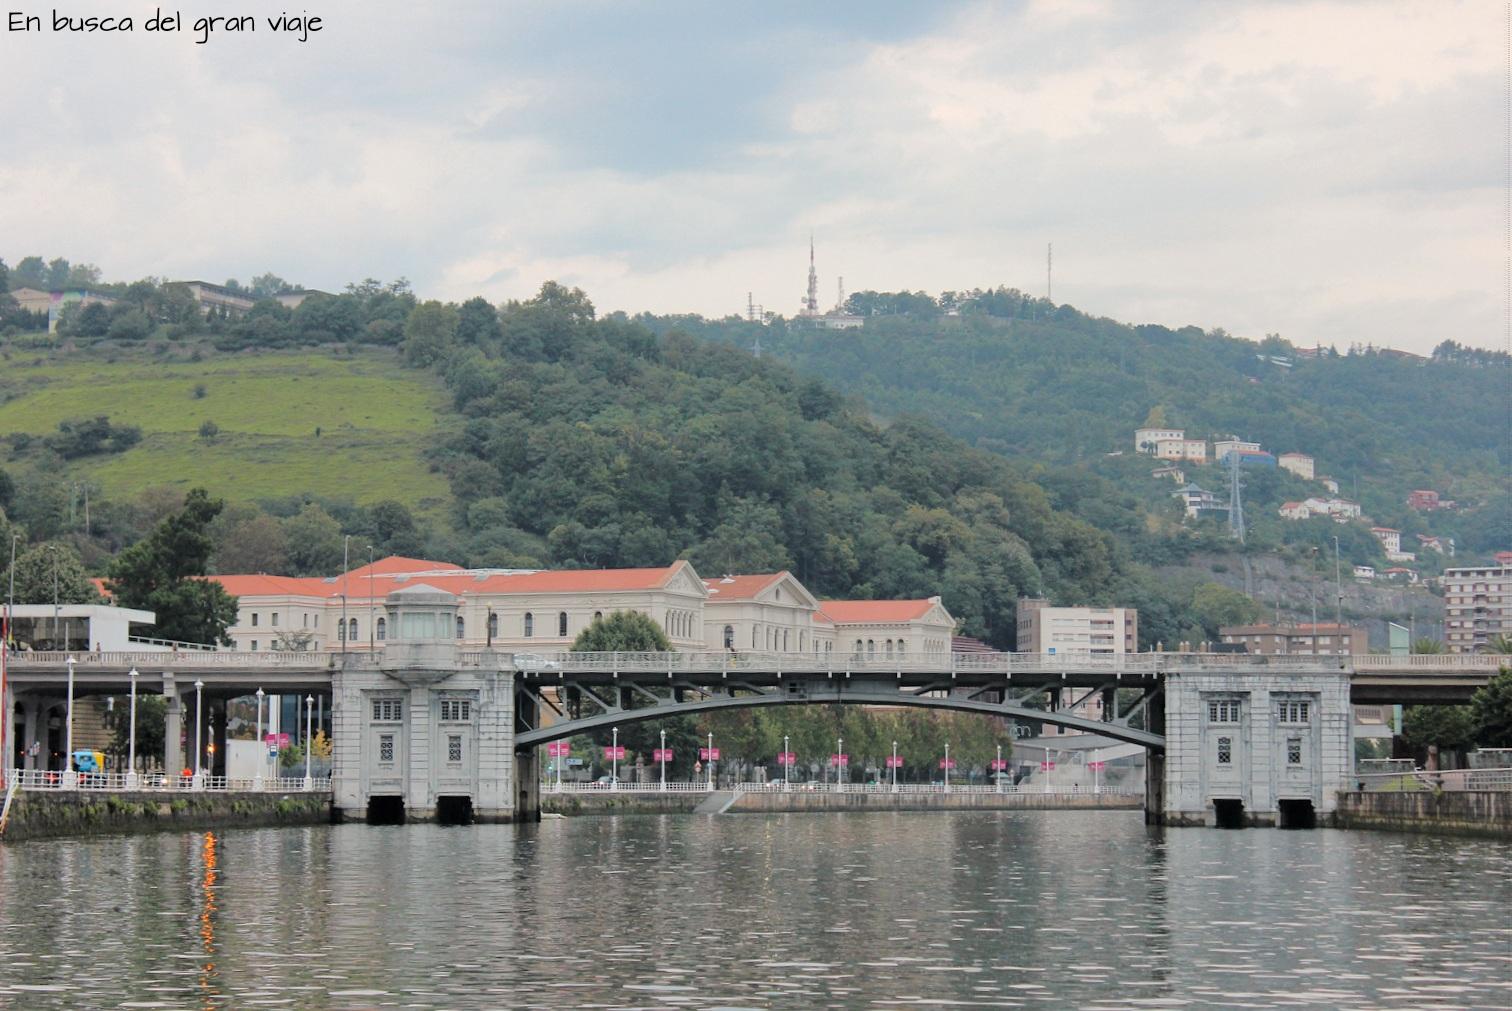 Puente de Deusto y al fondo la universidad de Deusto